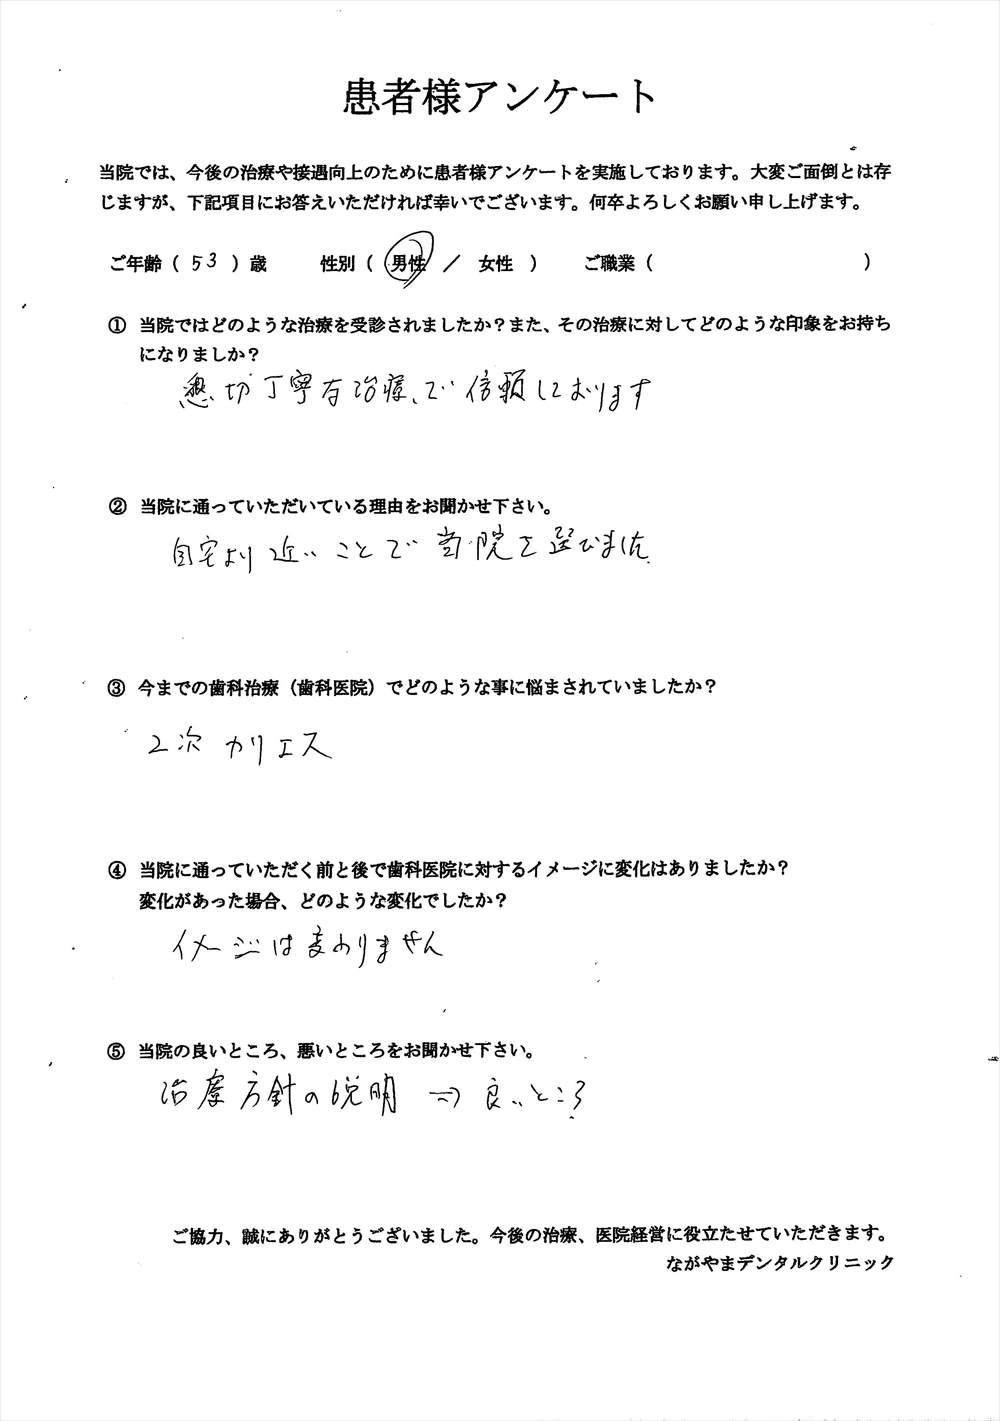 ながやまデンタルクリニックの患者様の口コミ・評判アンケート4